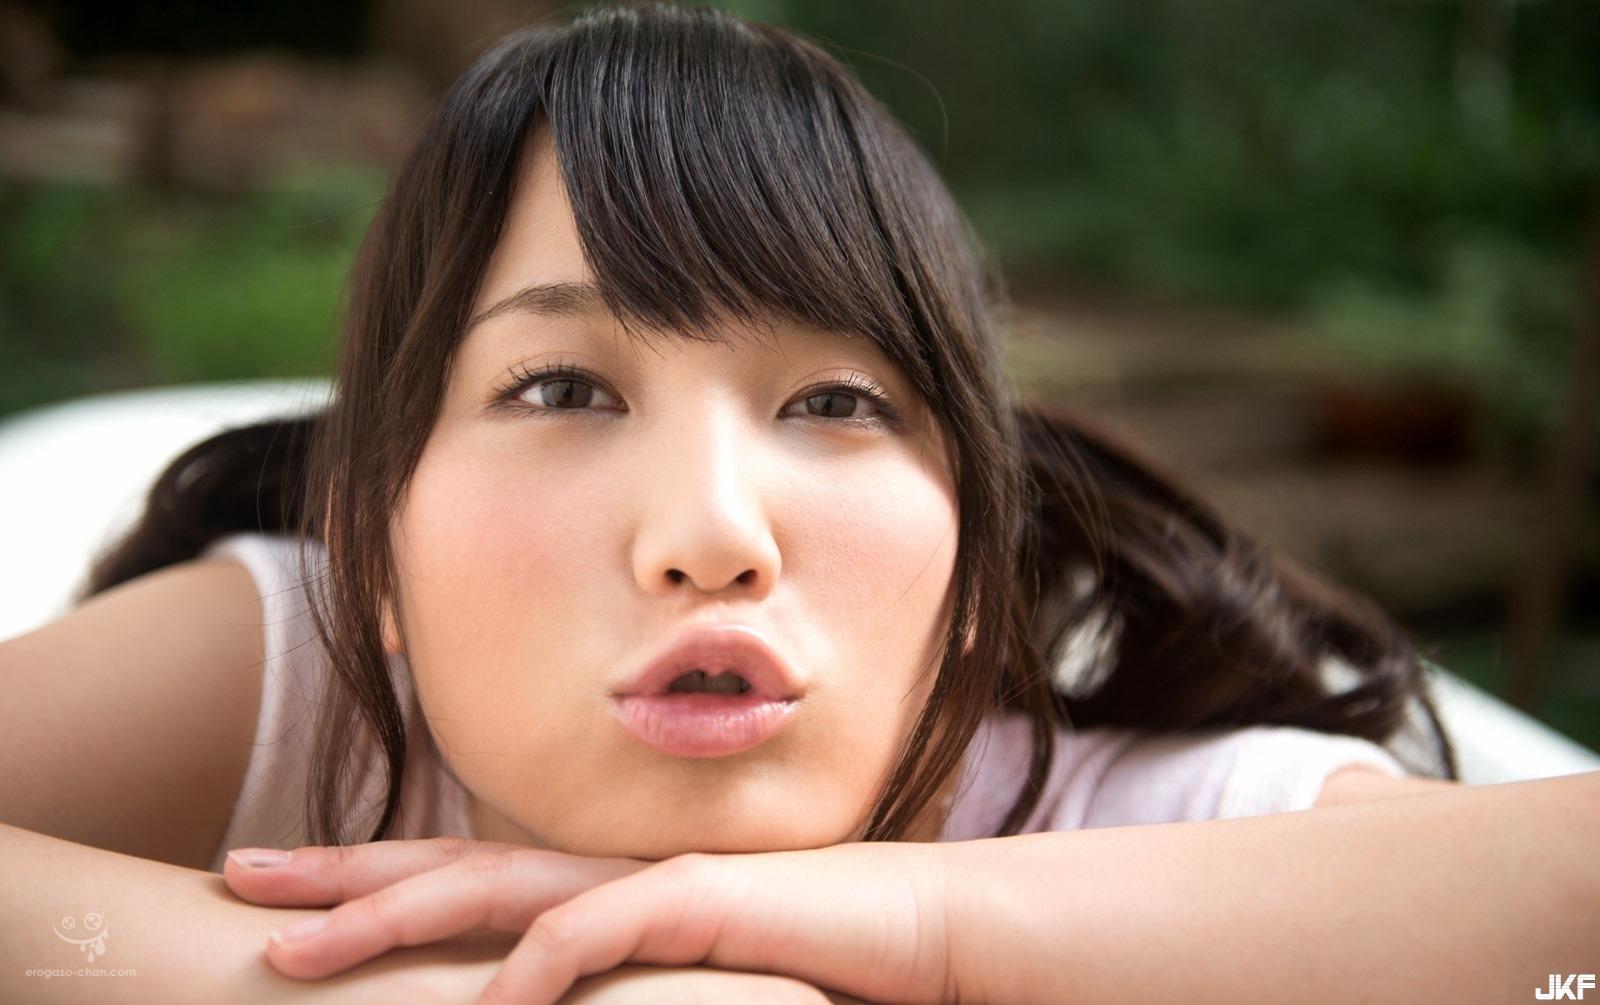 kurata_mao_1046-019.jpg